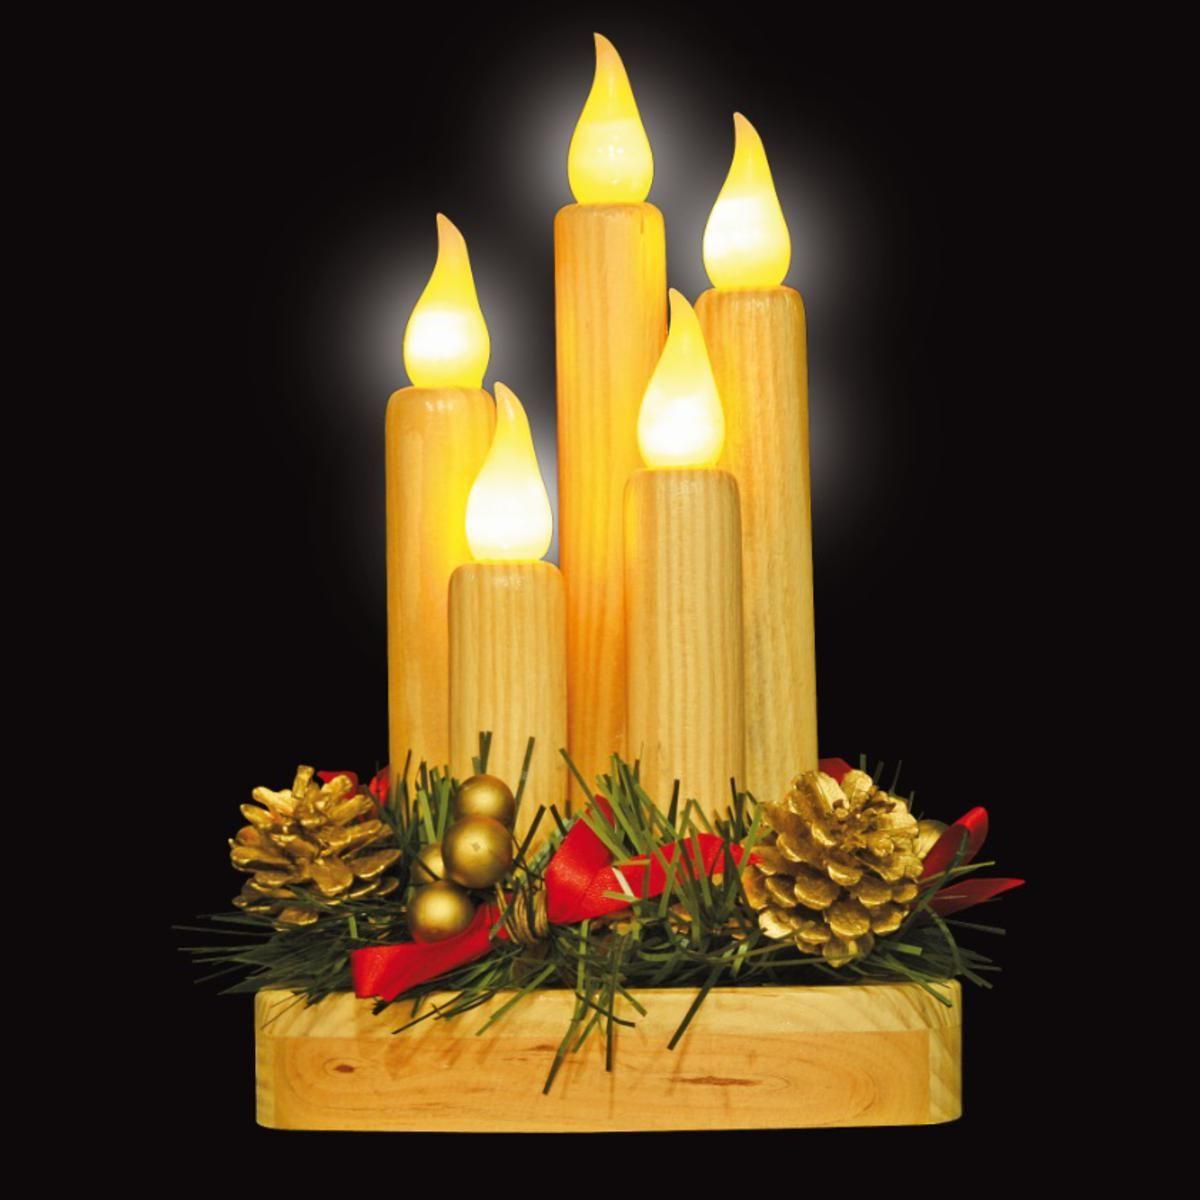 Noma Christmas Decorations: #ukchristmasworld #barnsley #christmas #decoration